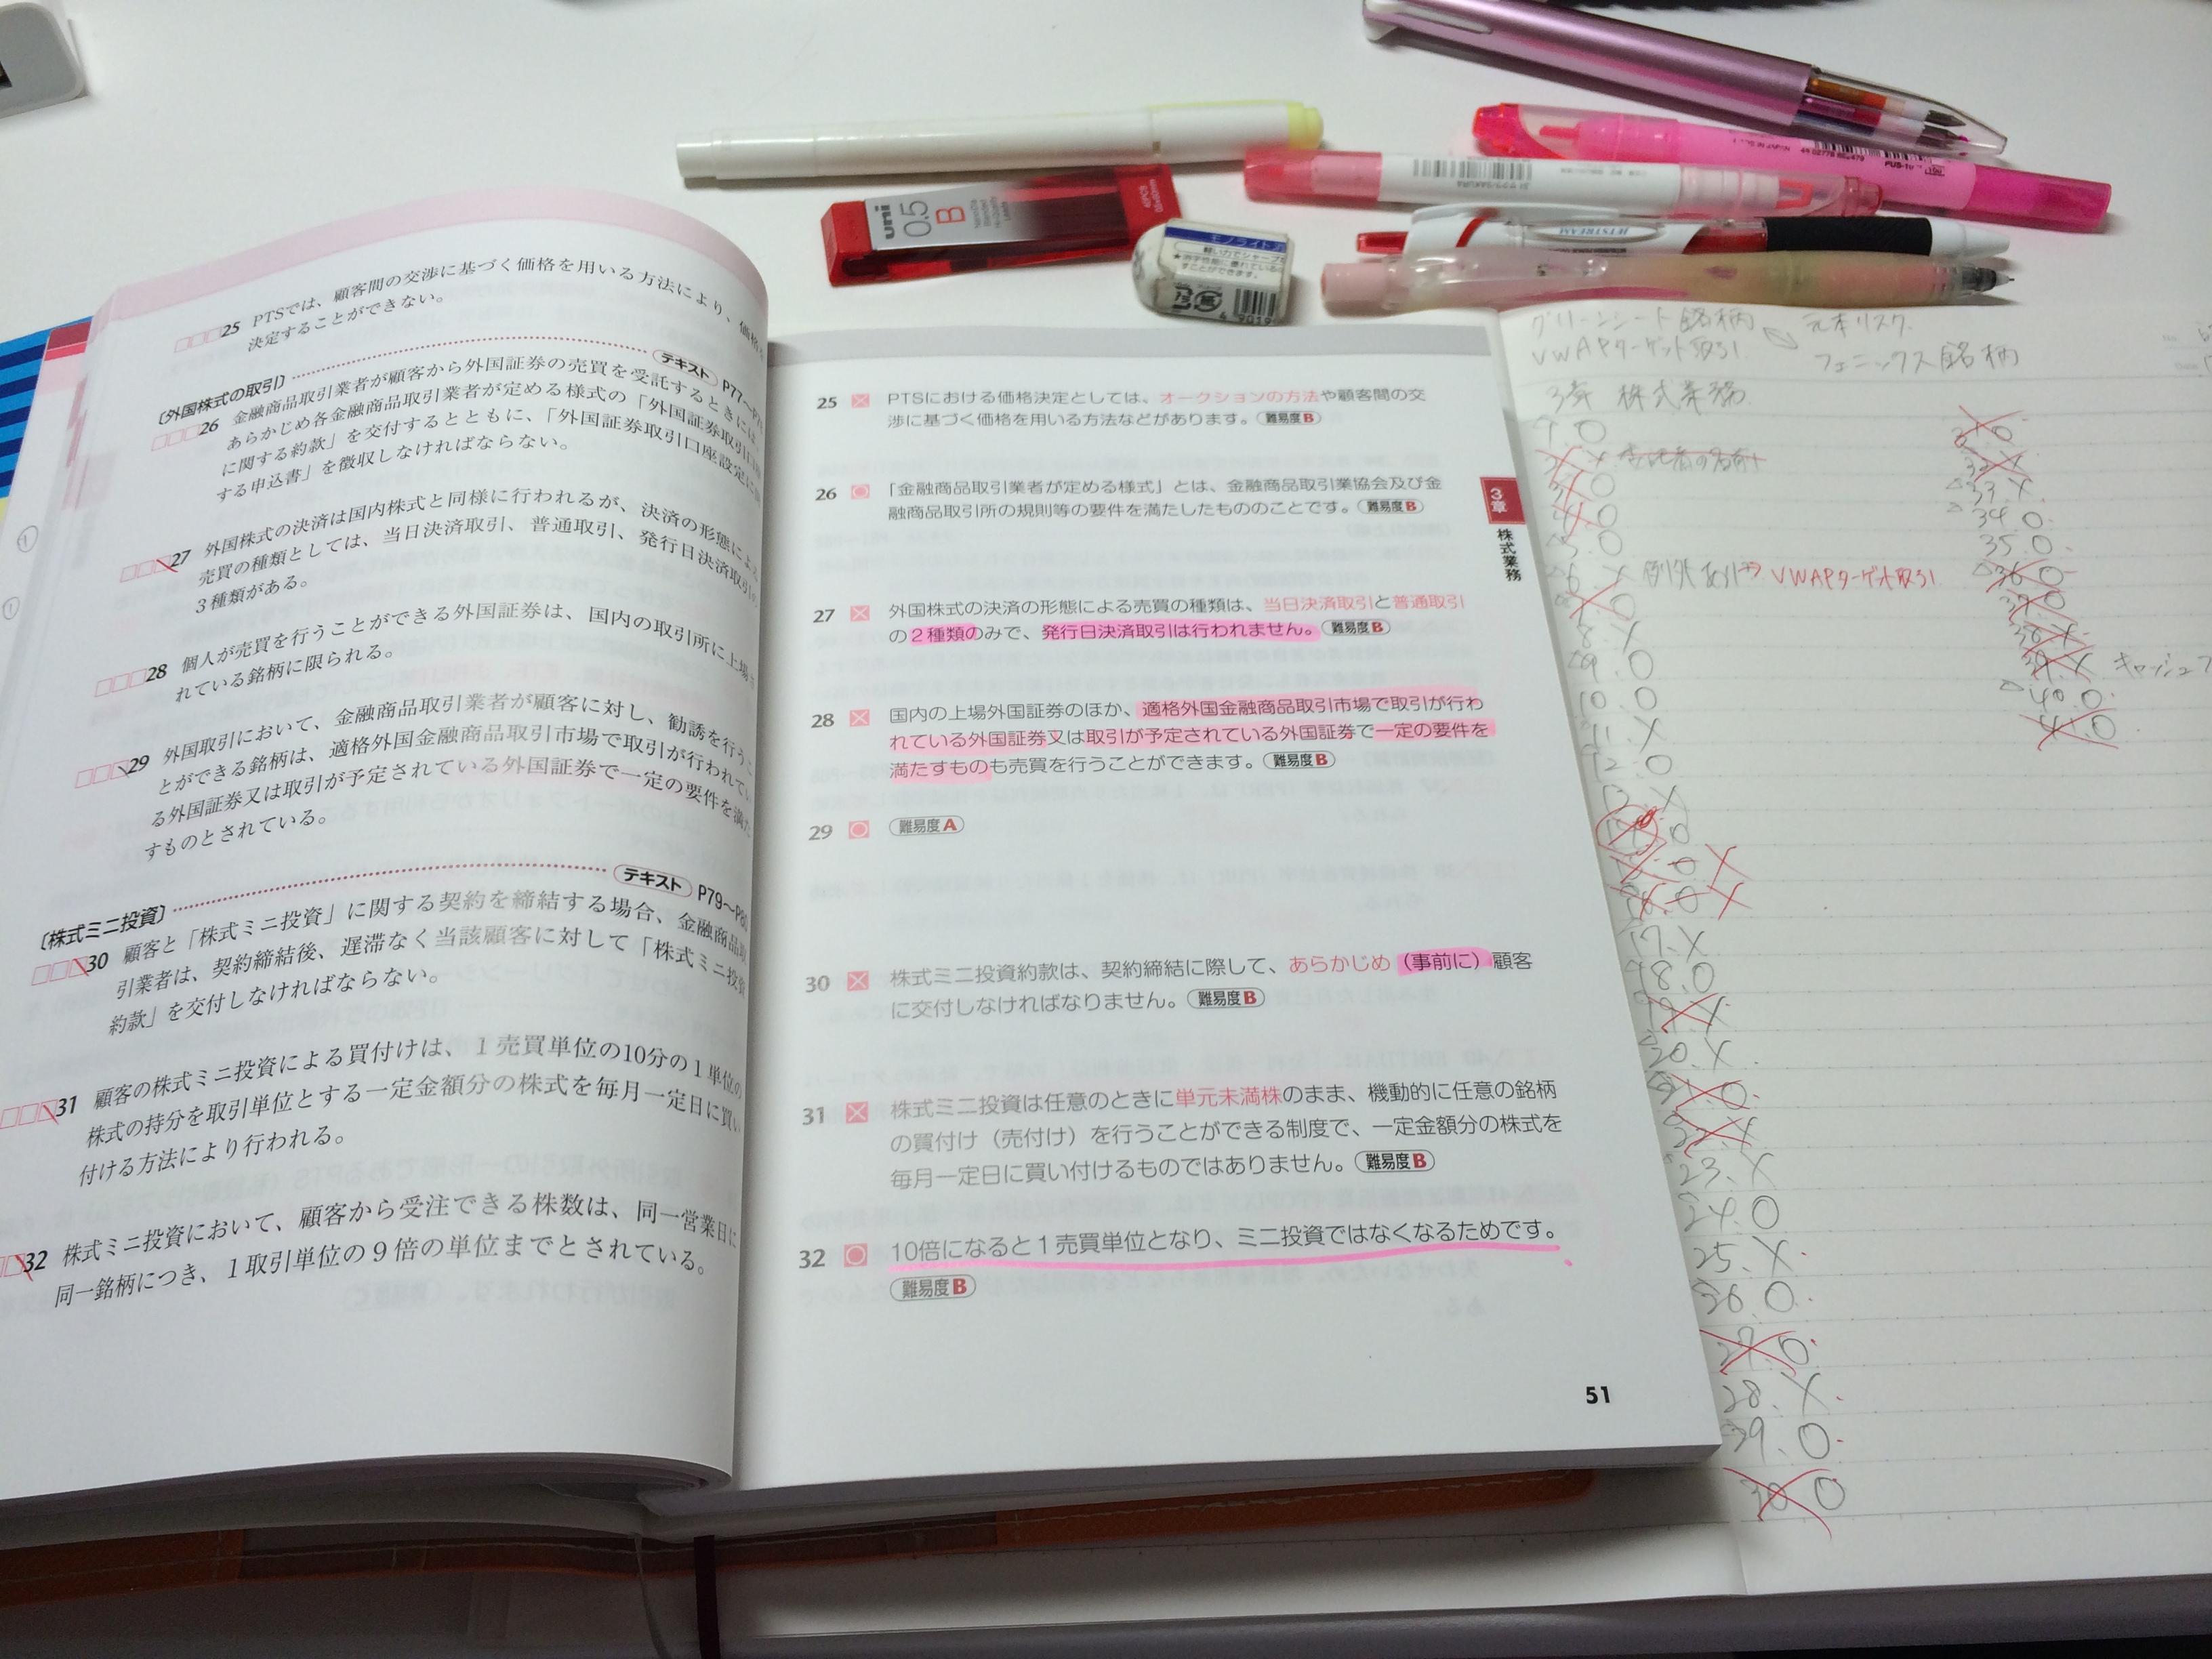 証券外務員資格試験/一種二種/試験問題と勉強法